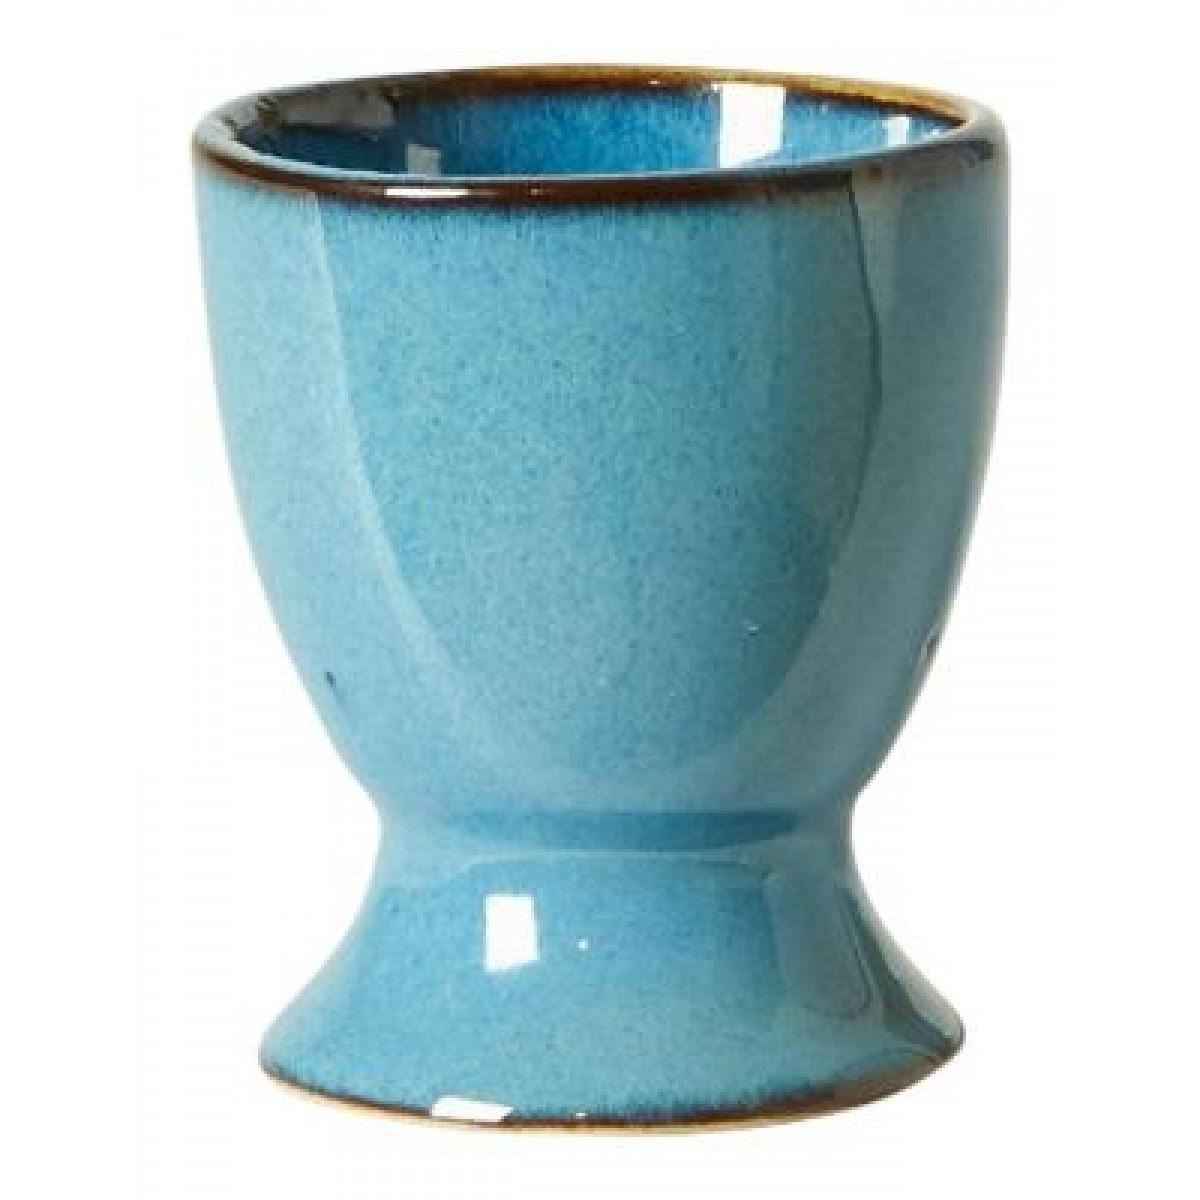 DACORE Æggebæger stentøj blå